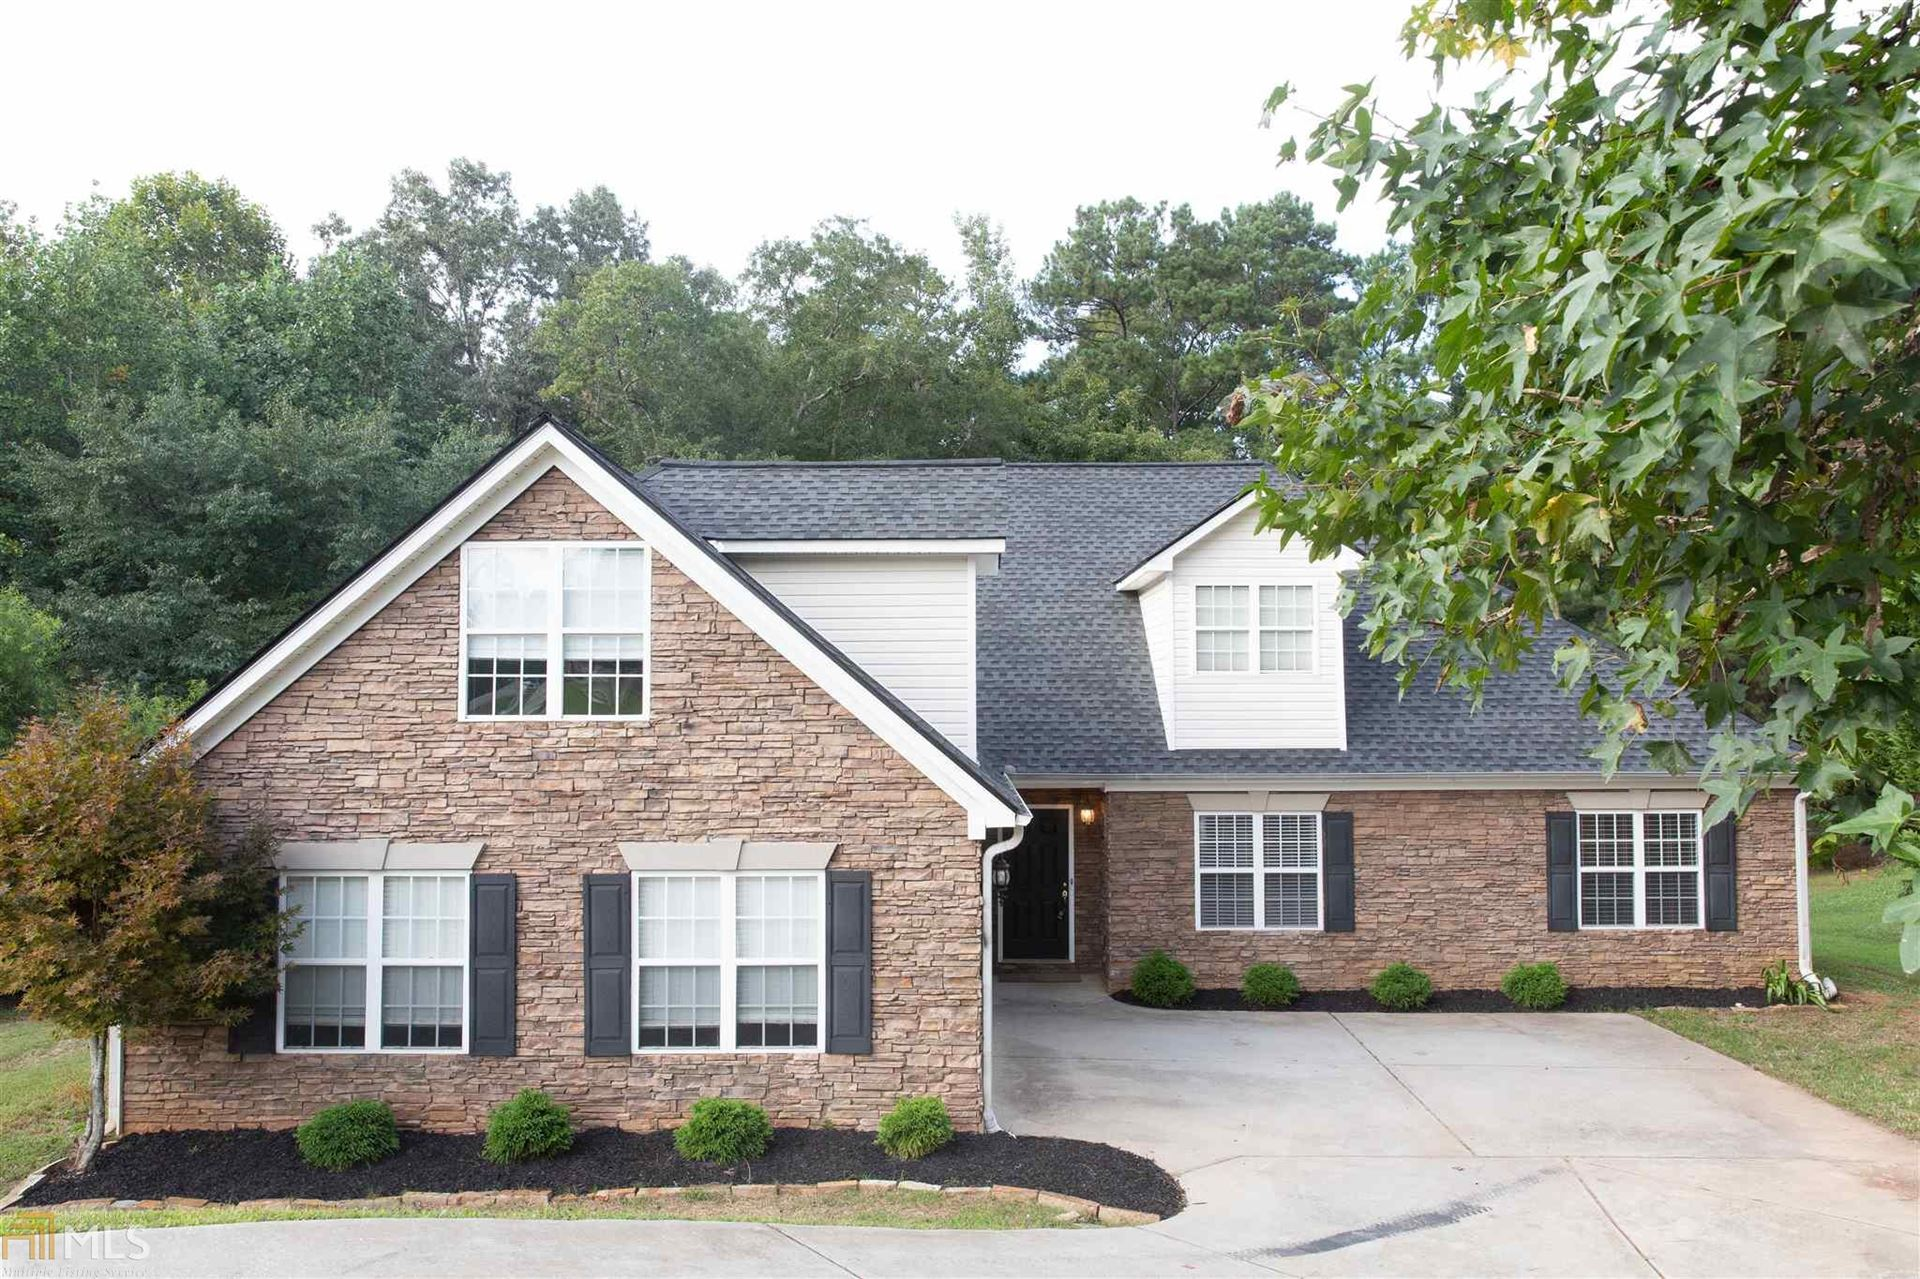 4017 River Garden Cir, Covington, GA 30016 - MLS#: 8863723